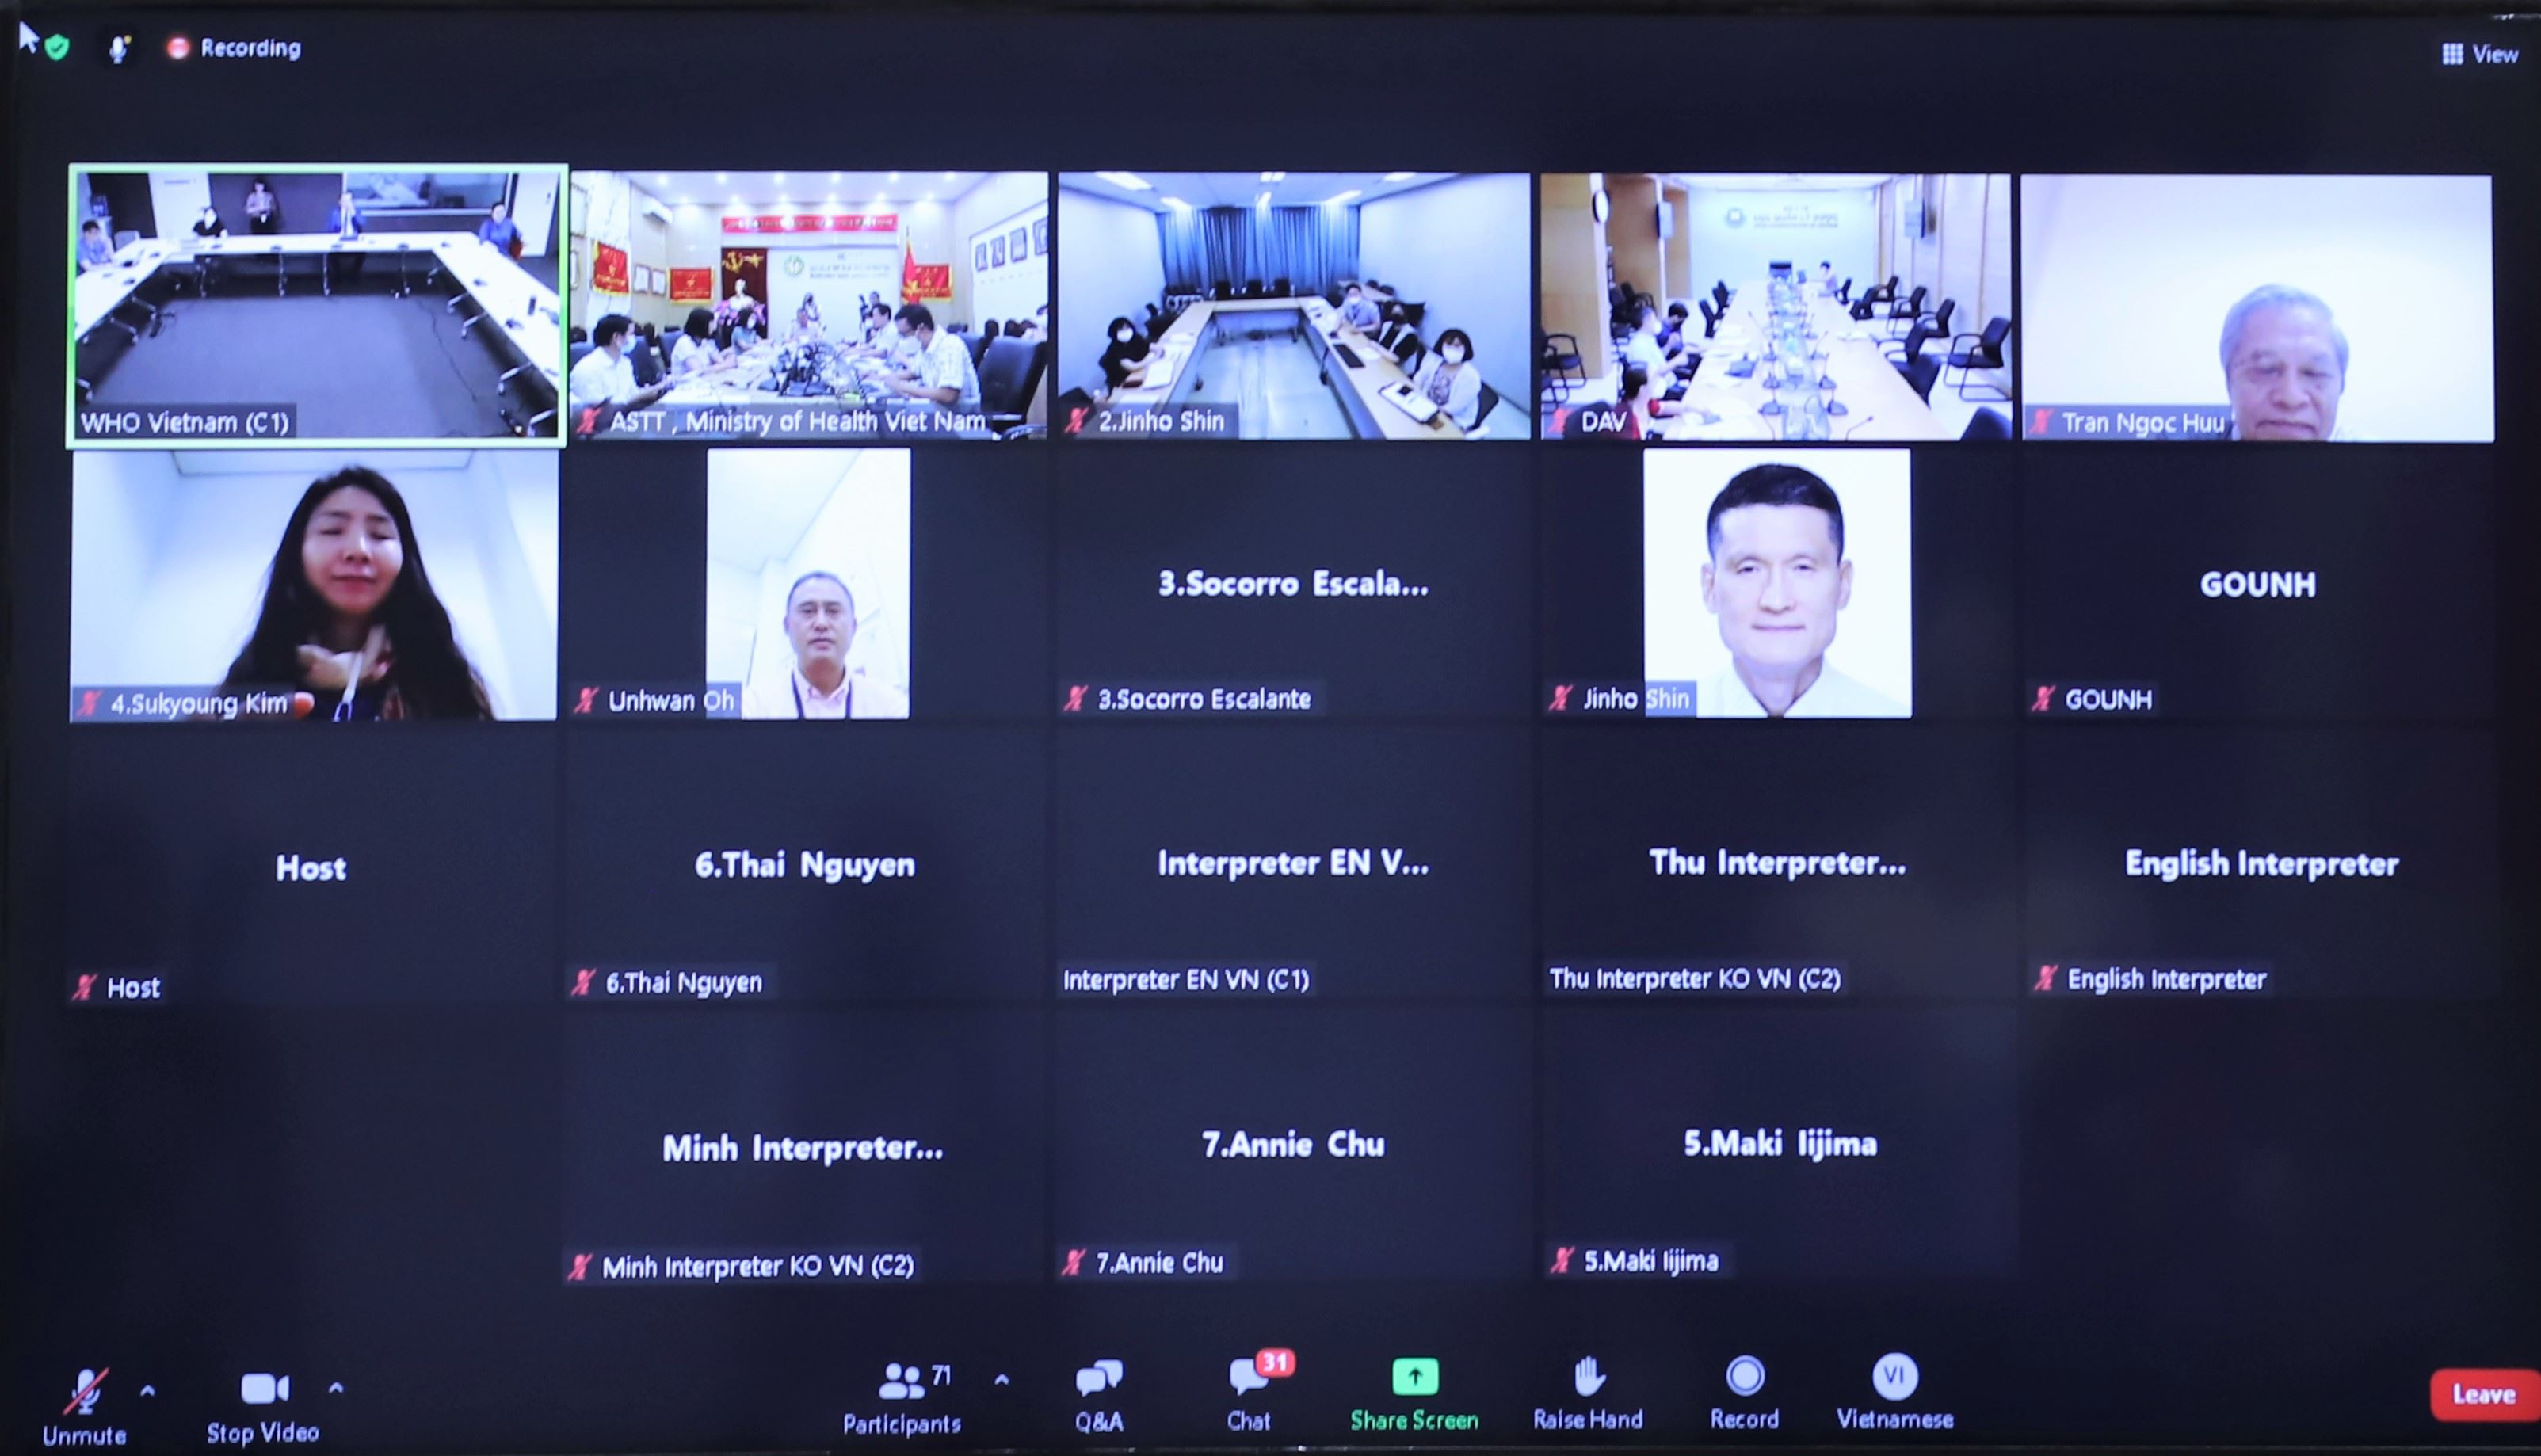 Hình ảnh trực tuyến các điểm cầu tham dự Hội thảo